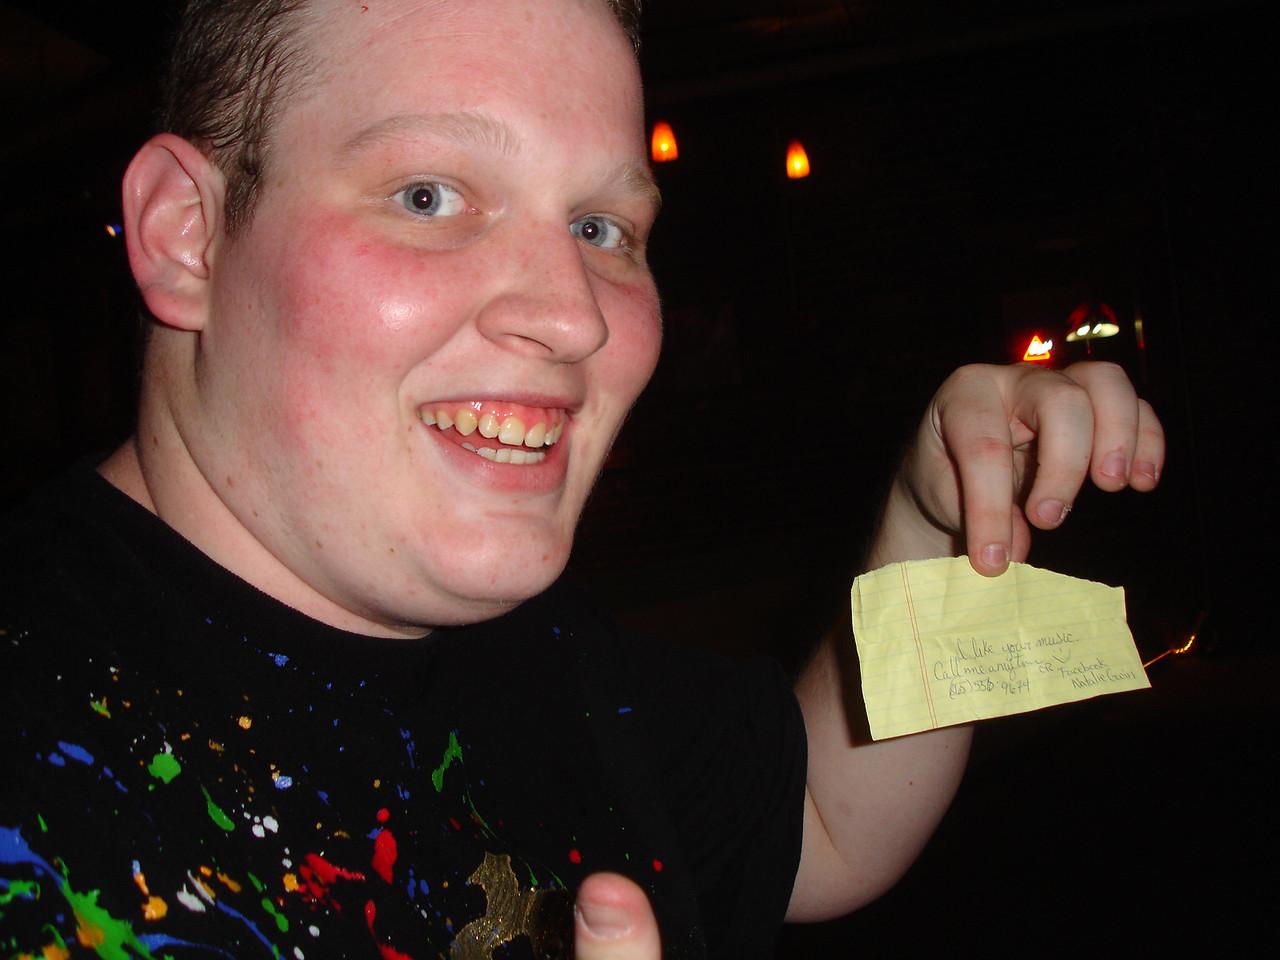 Success! Zac scored a phone number!